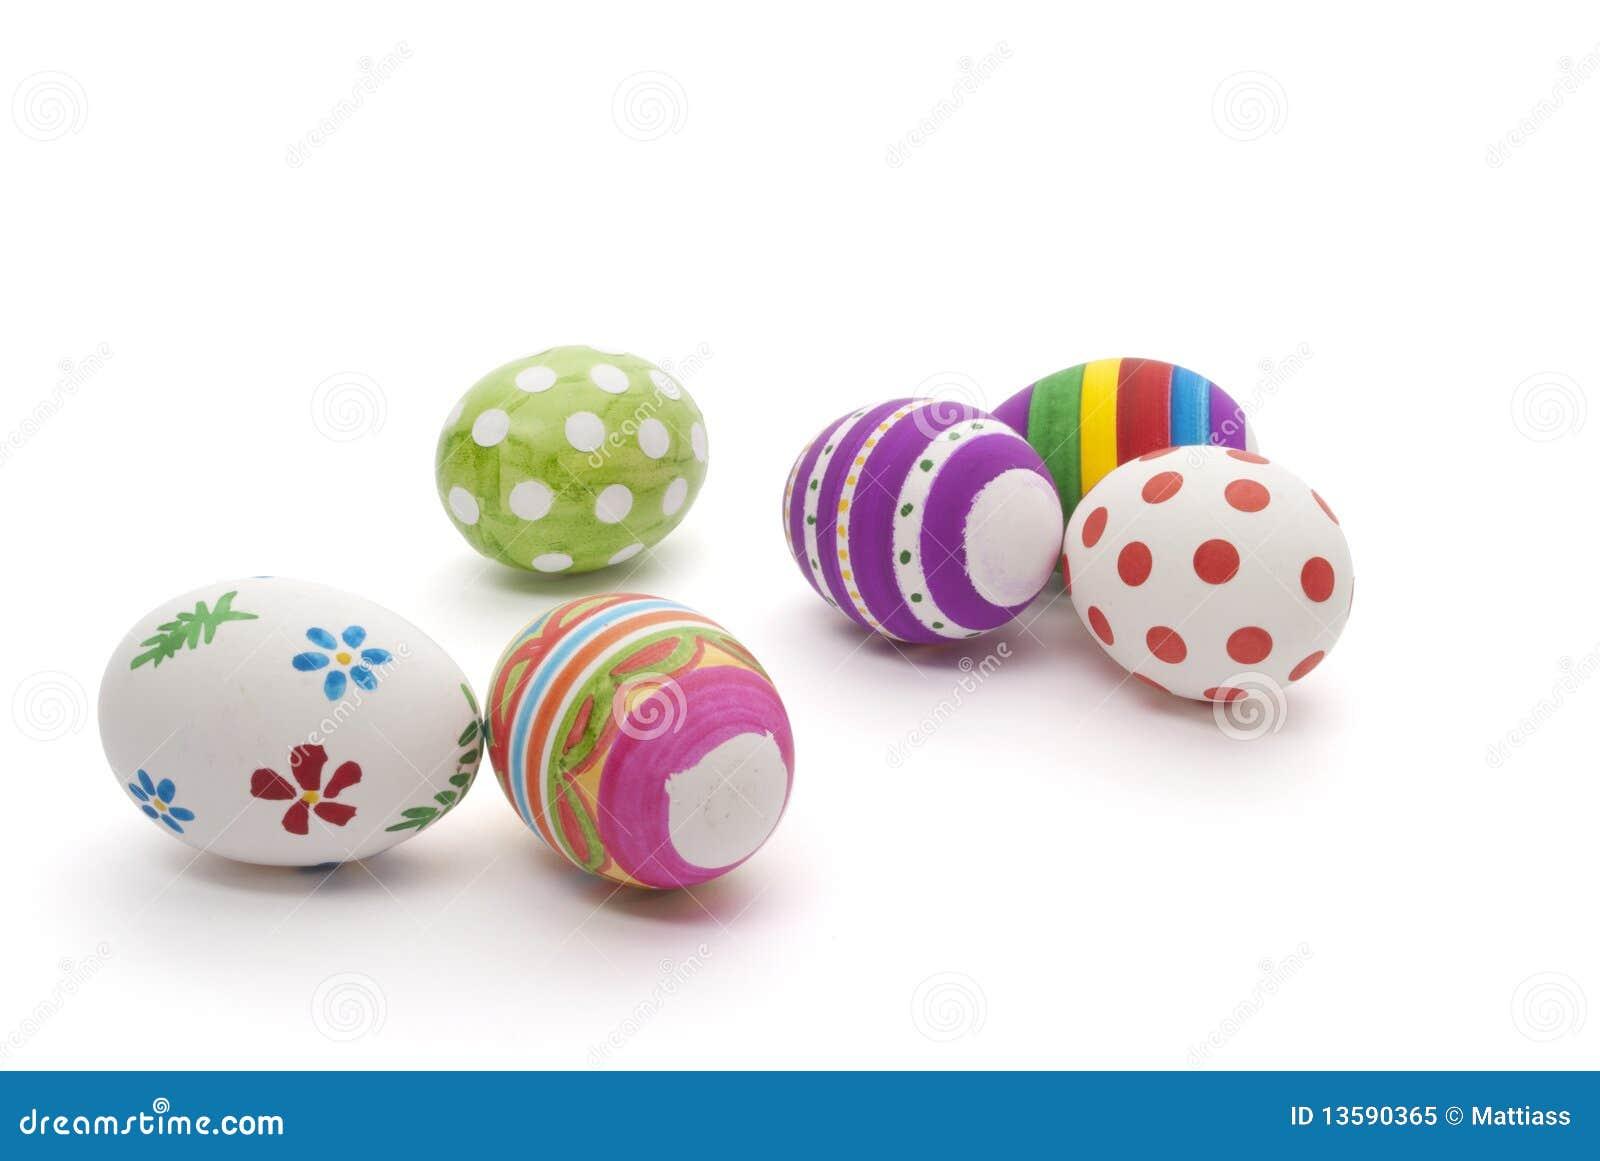 Huevos de Pascua pintados a mano